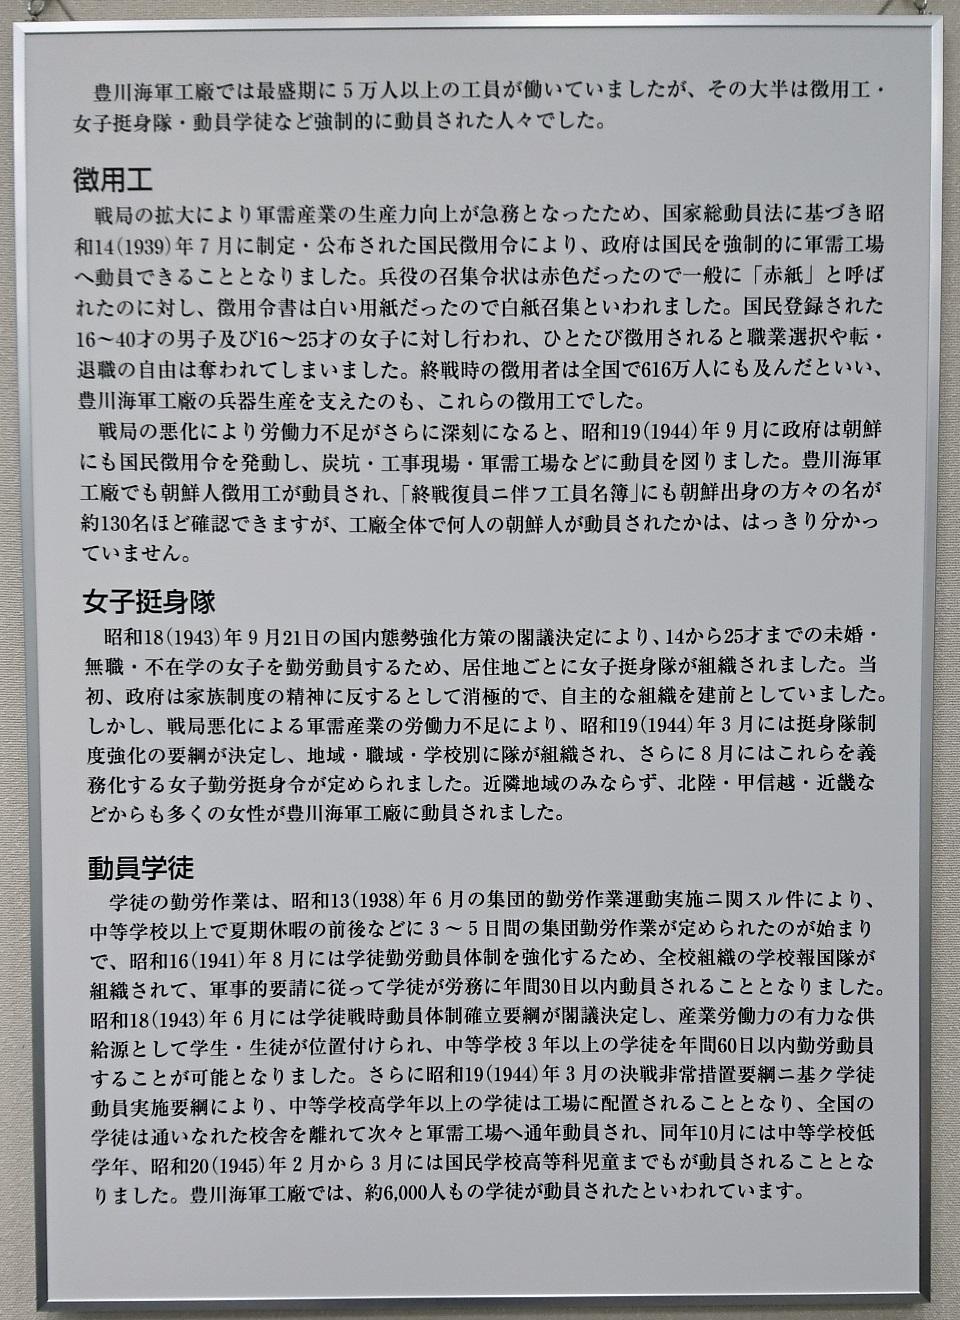 2017.8.30 豊川海軍工廠展 (13) 強制動員 960-1320